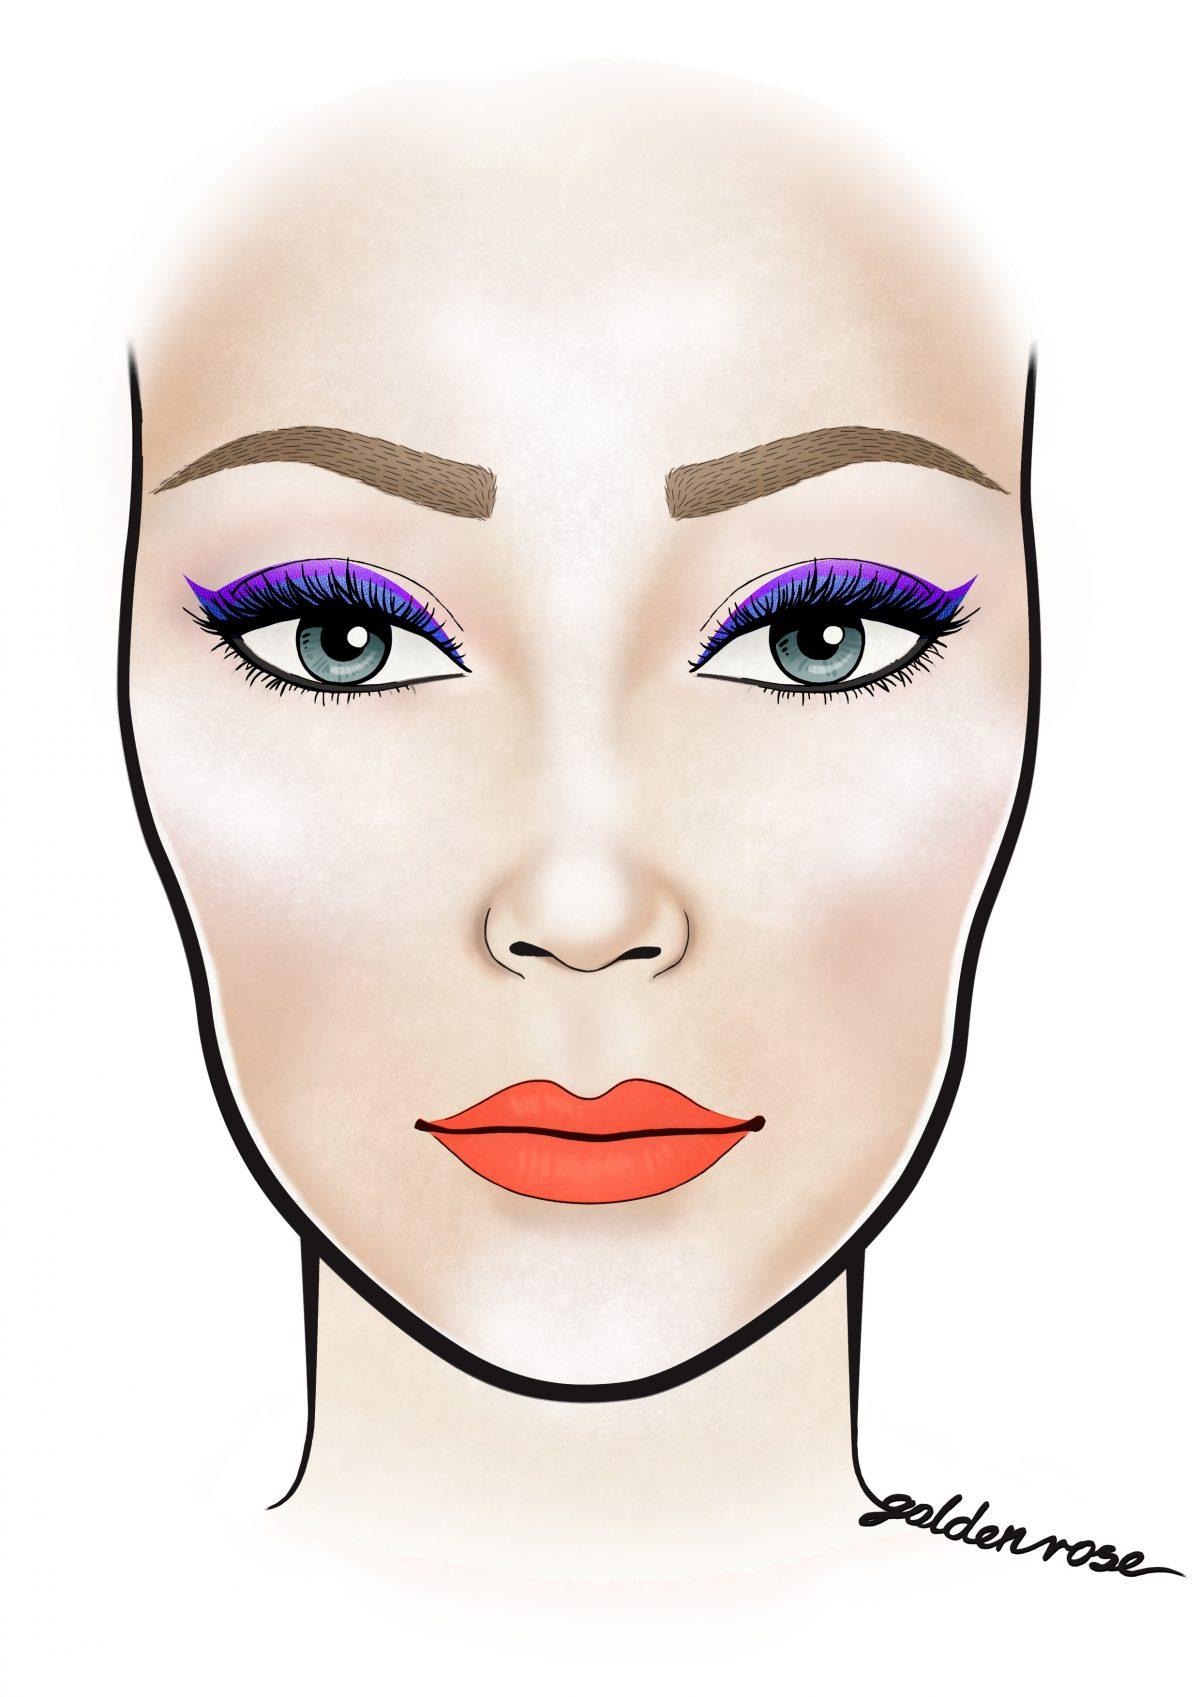 Makijaż w stylu glow. Tym razem stawiamy na błysk! To już czwarte zadanie w konkursie Dziewczyna GR.